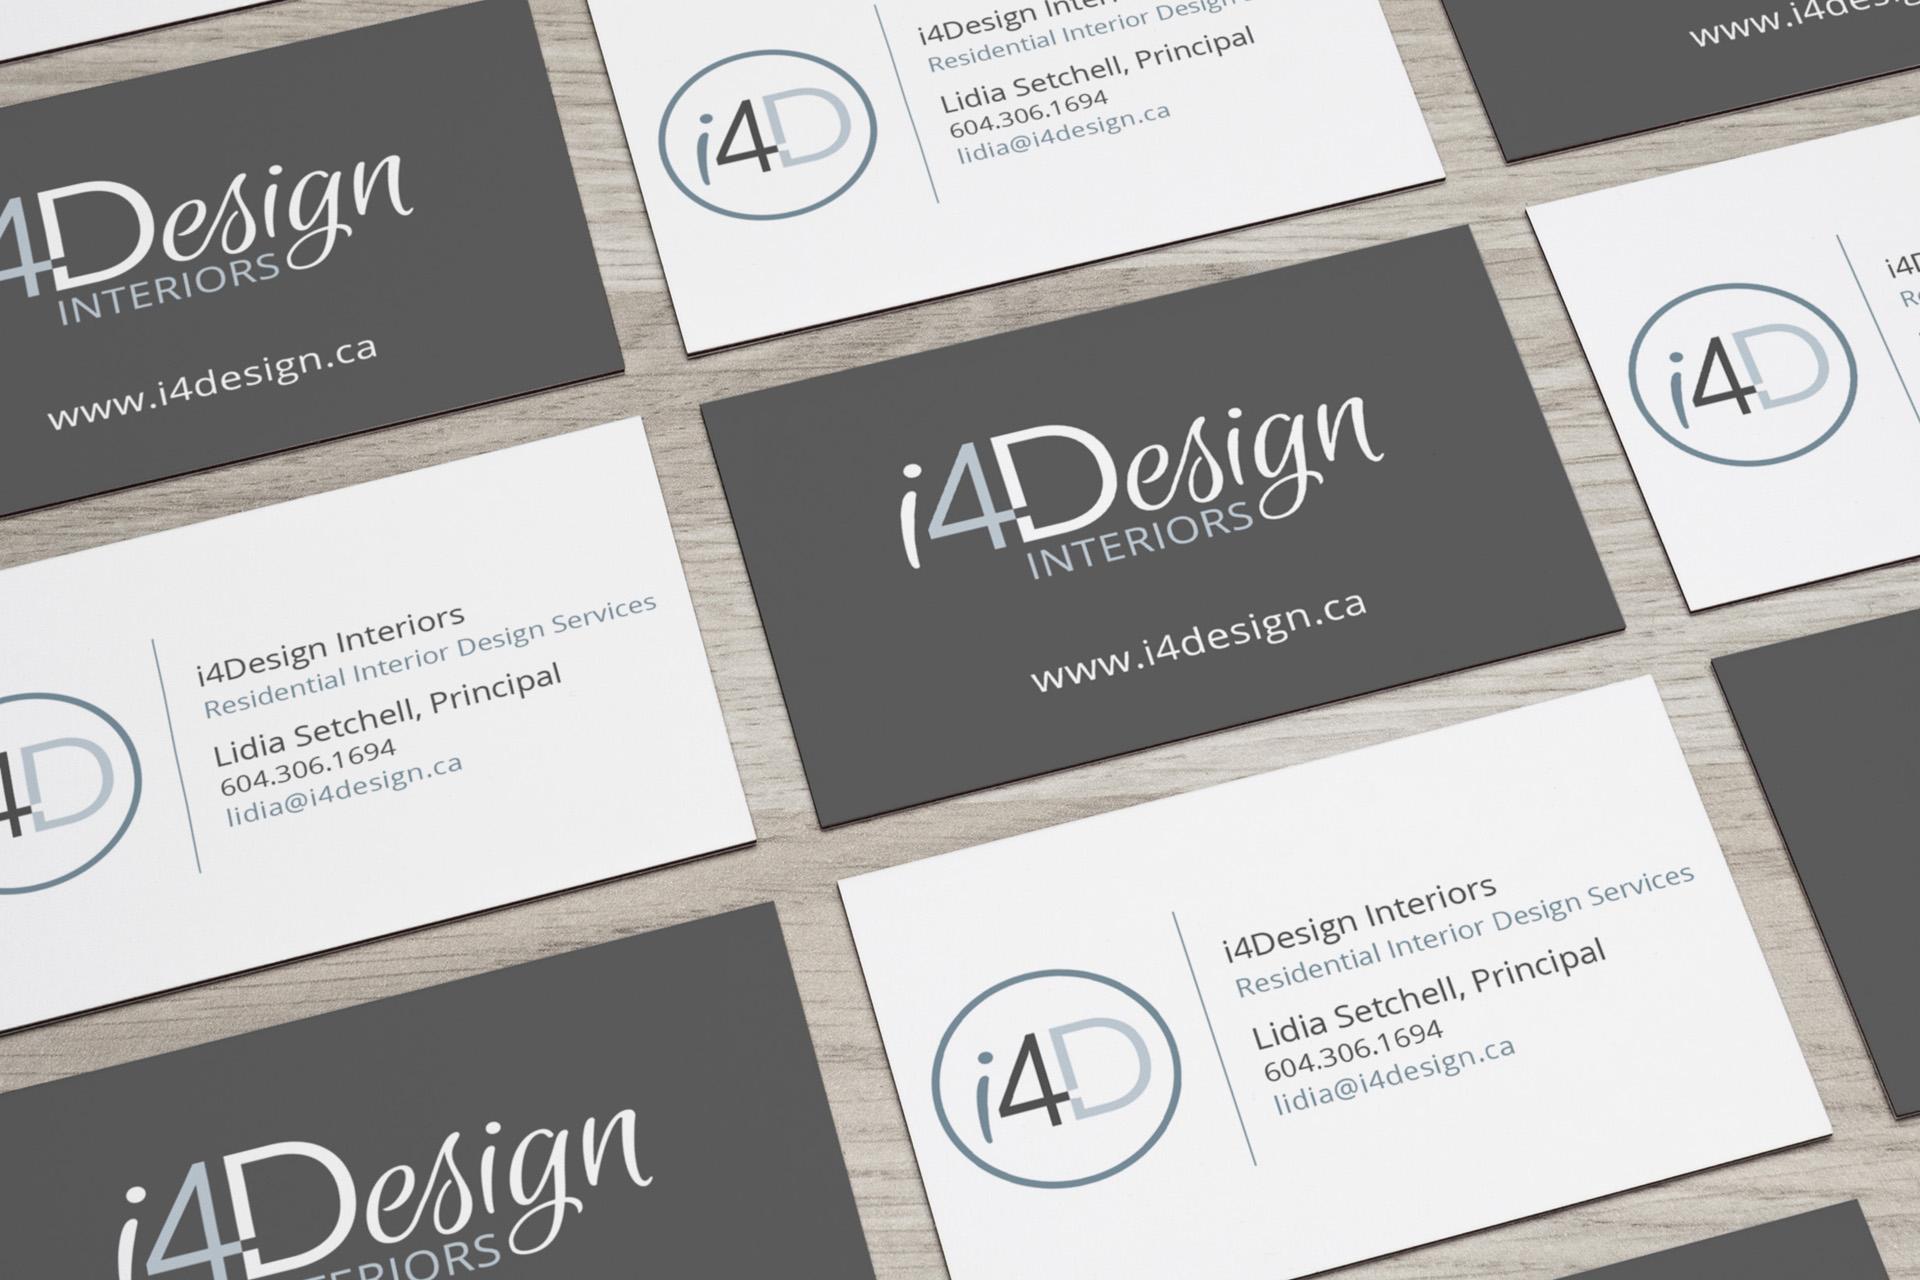 i4Design Interiors